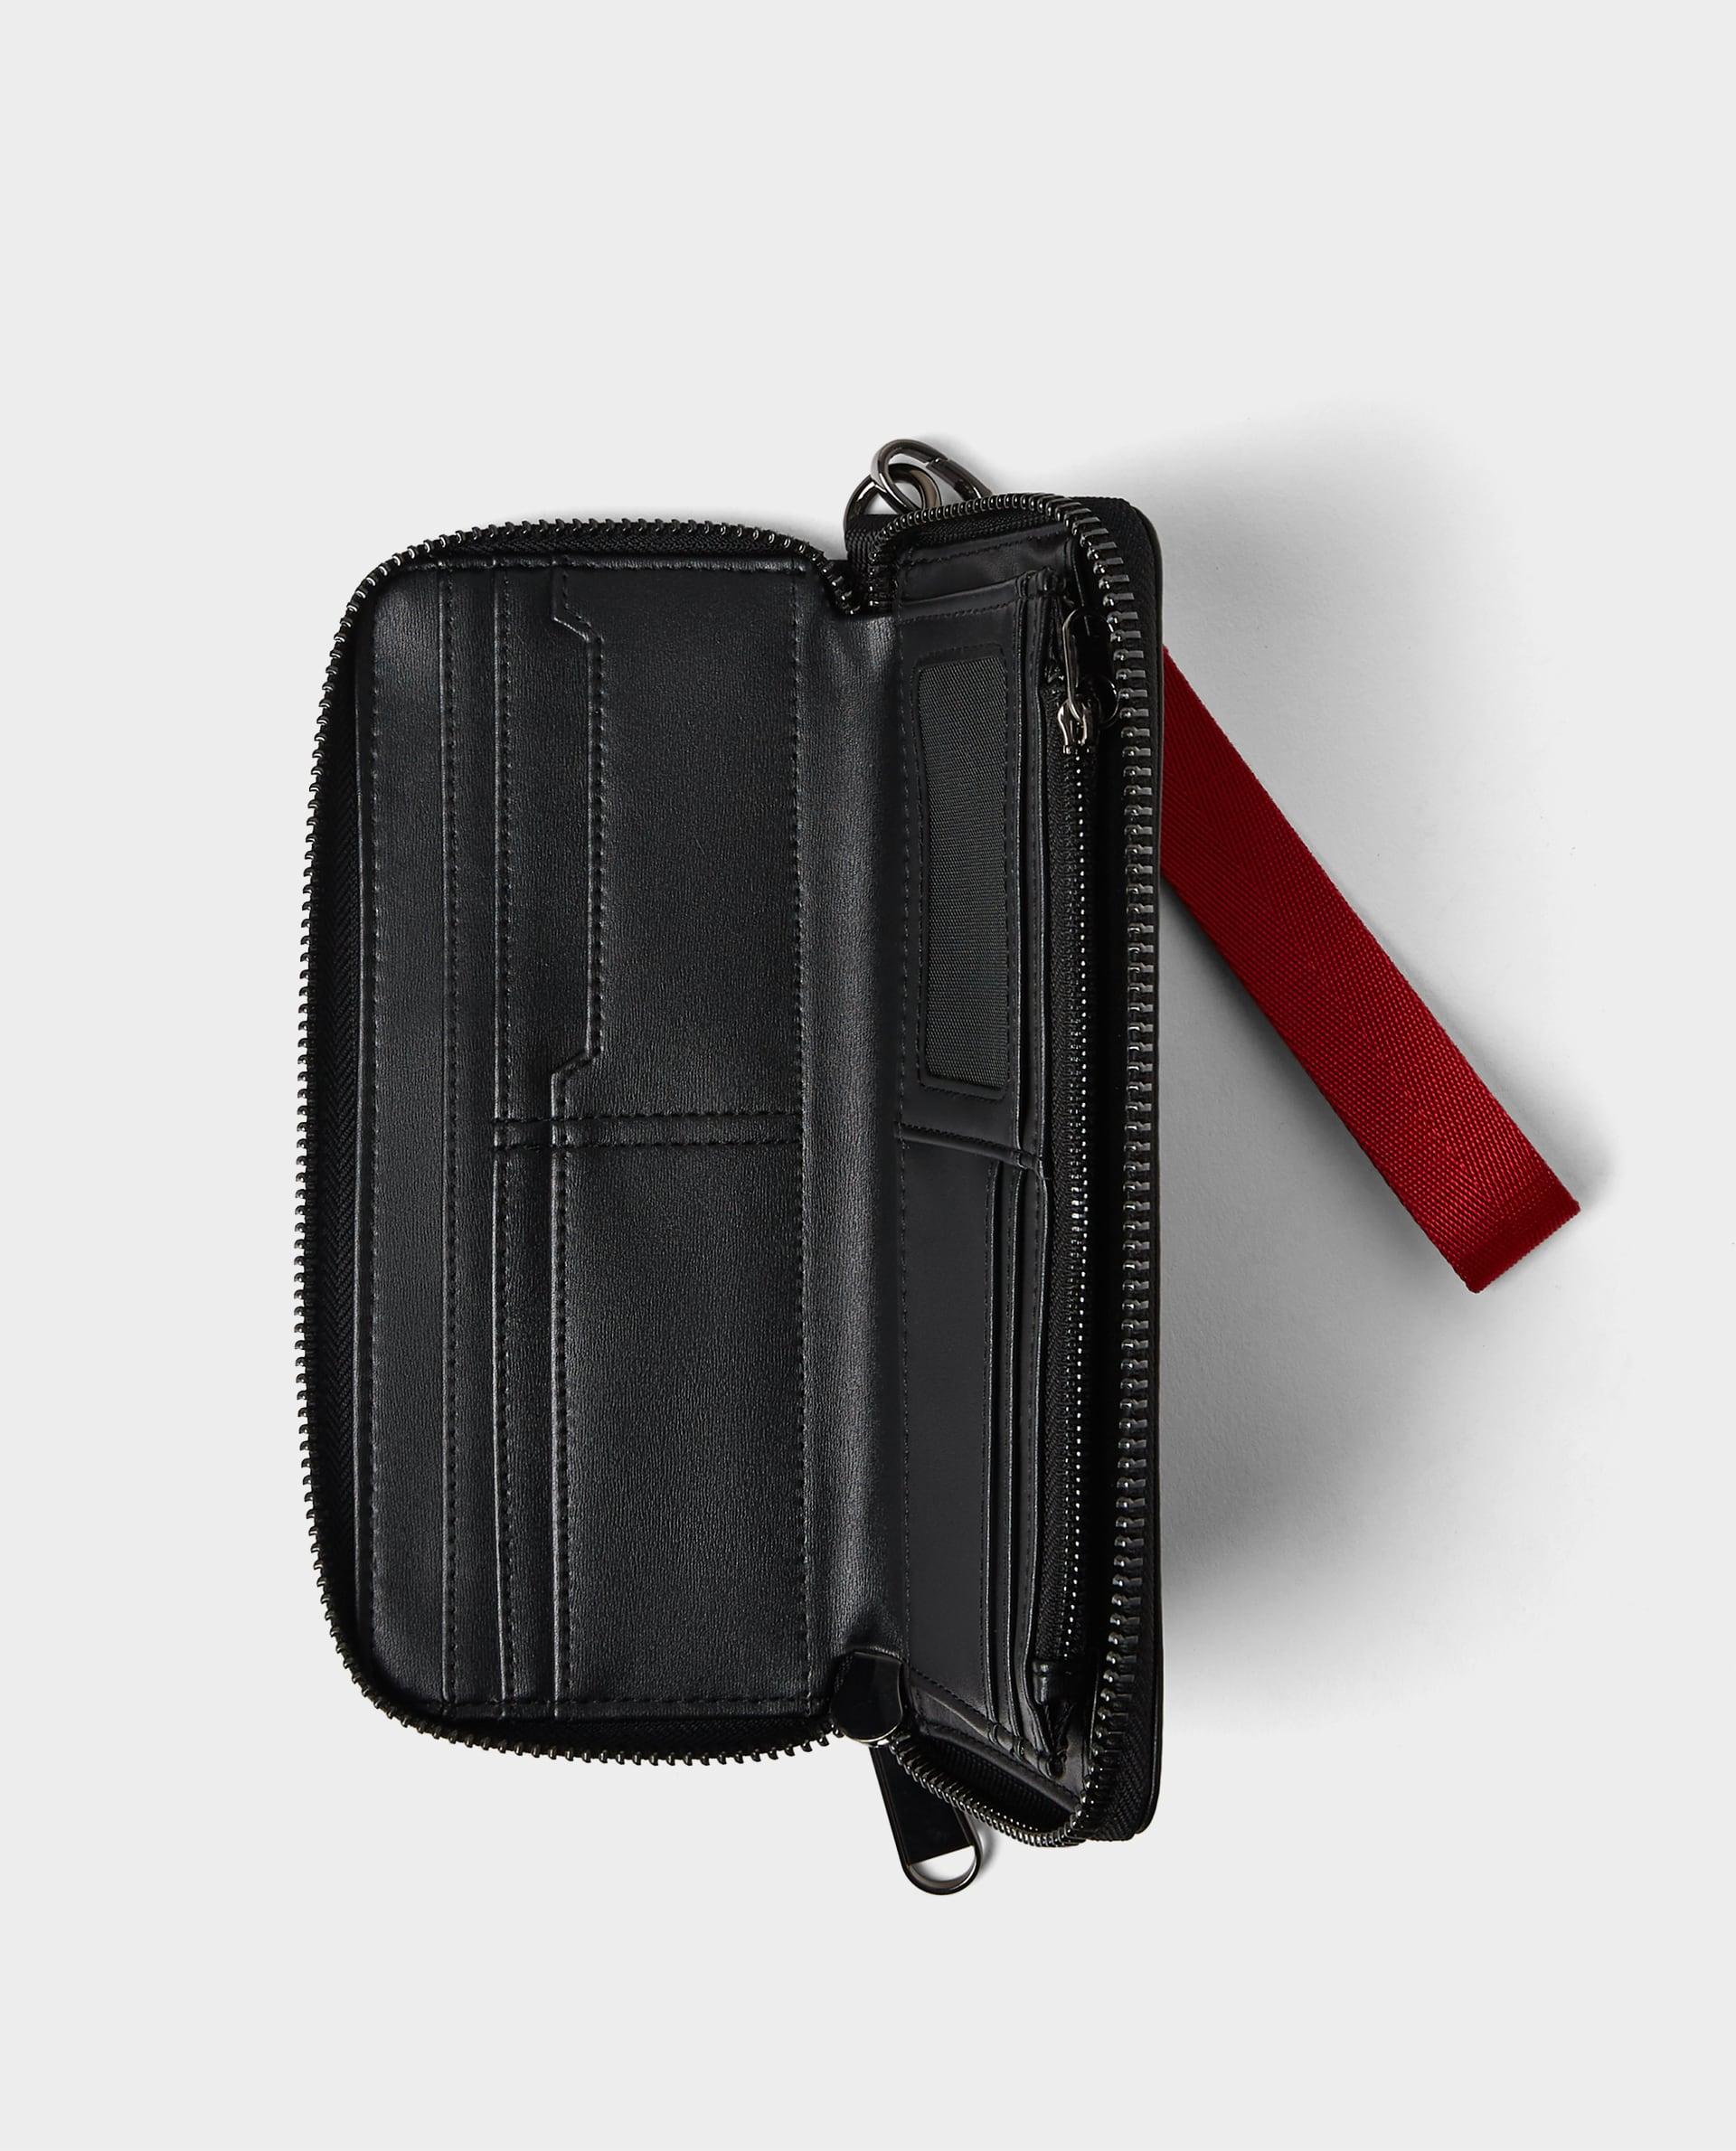 diseño de calidad 67e8f 8349c Las 3 mejores carteras de Zara